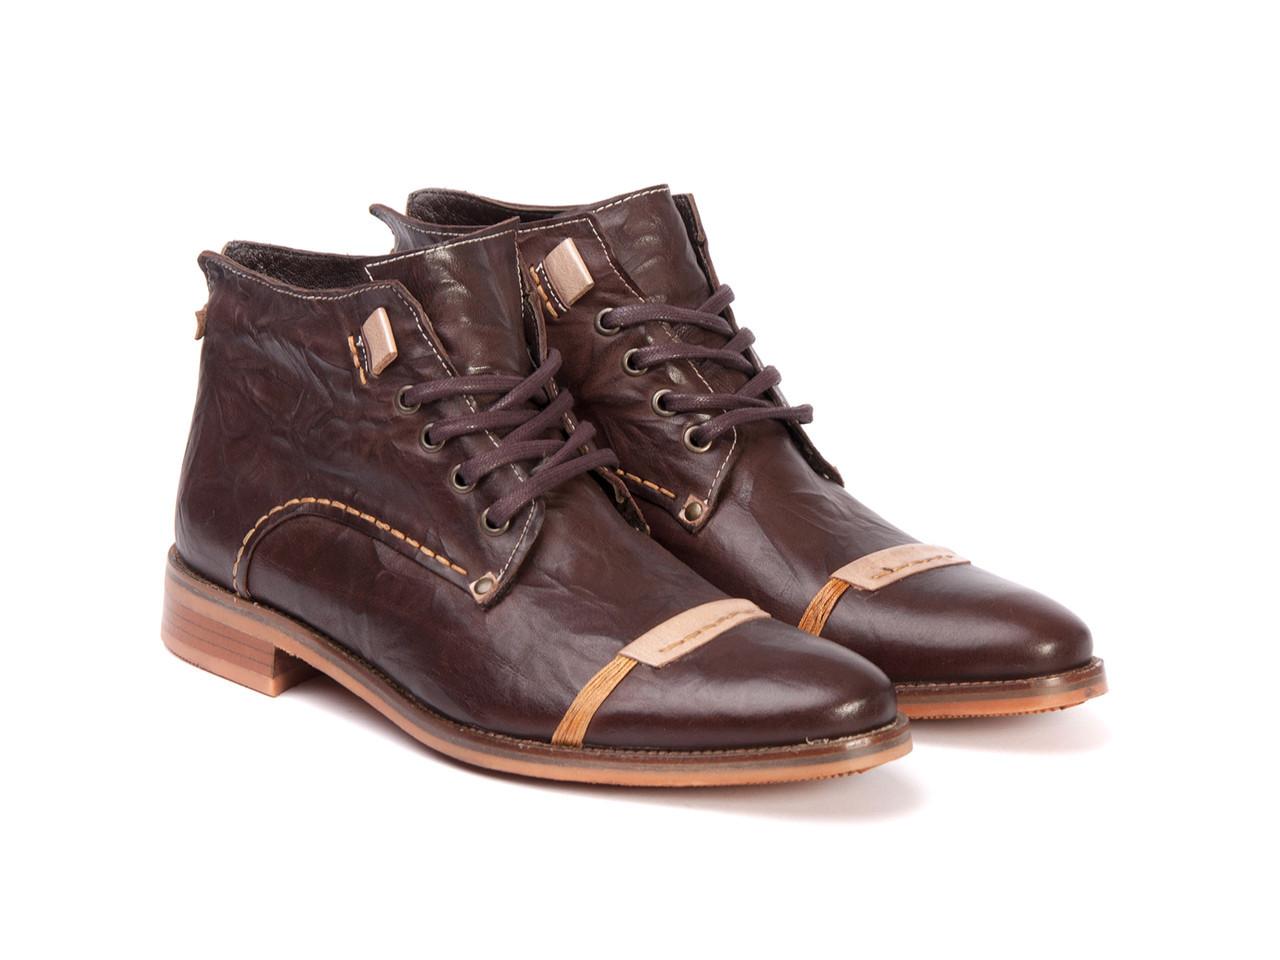 Ботинки Etor 4691-5377-03 39 коричневые